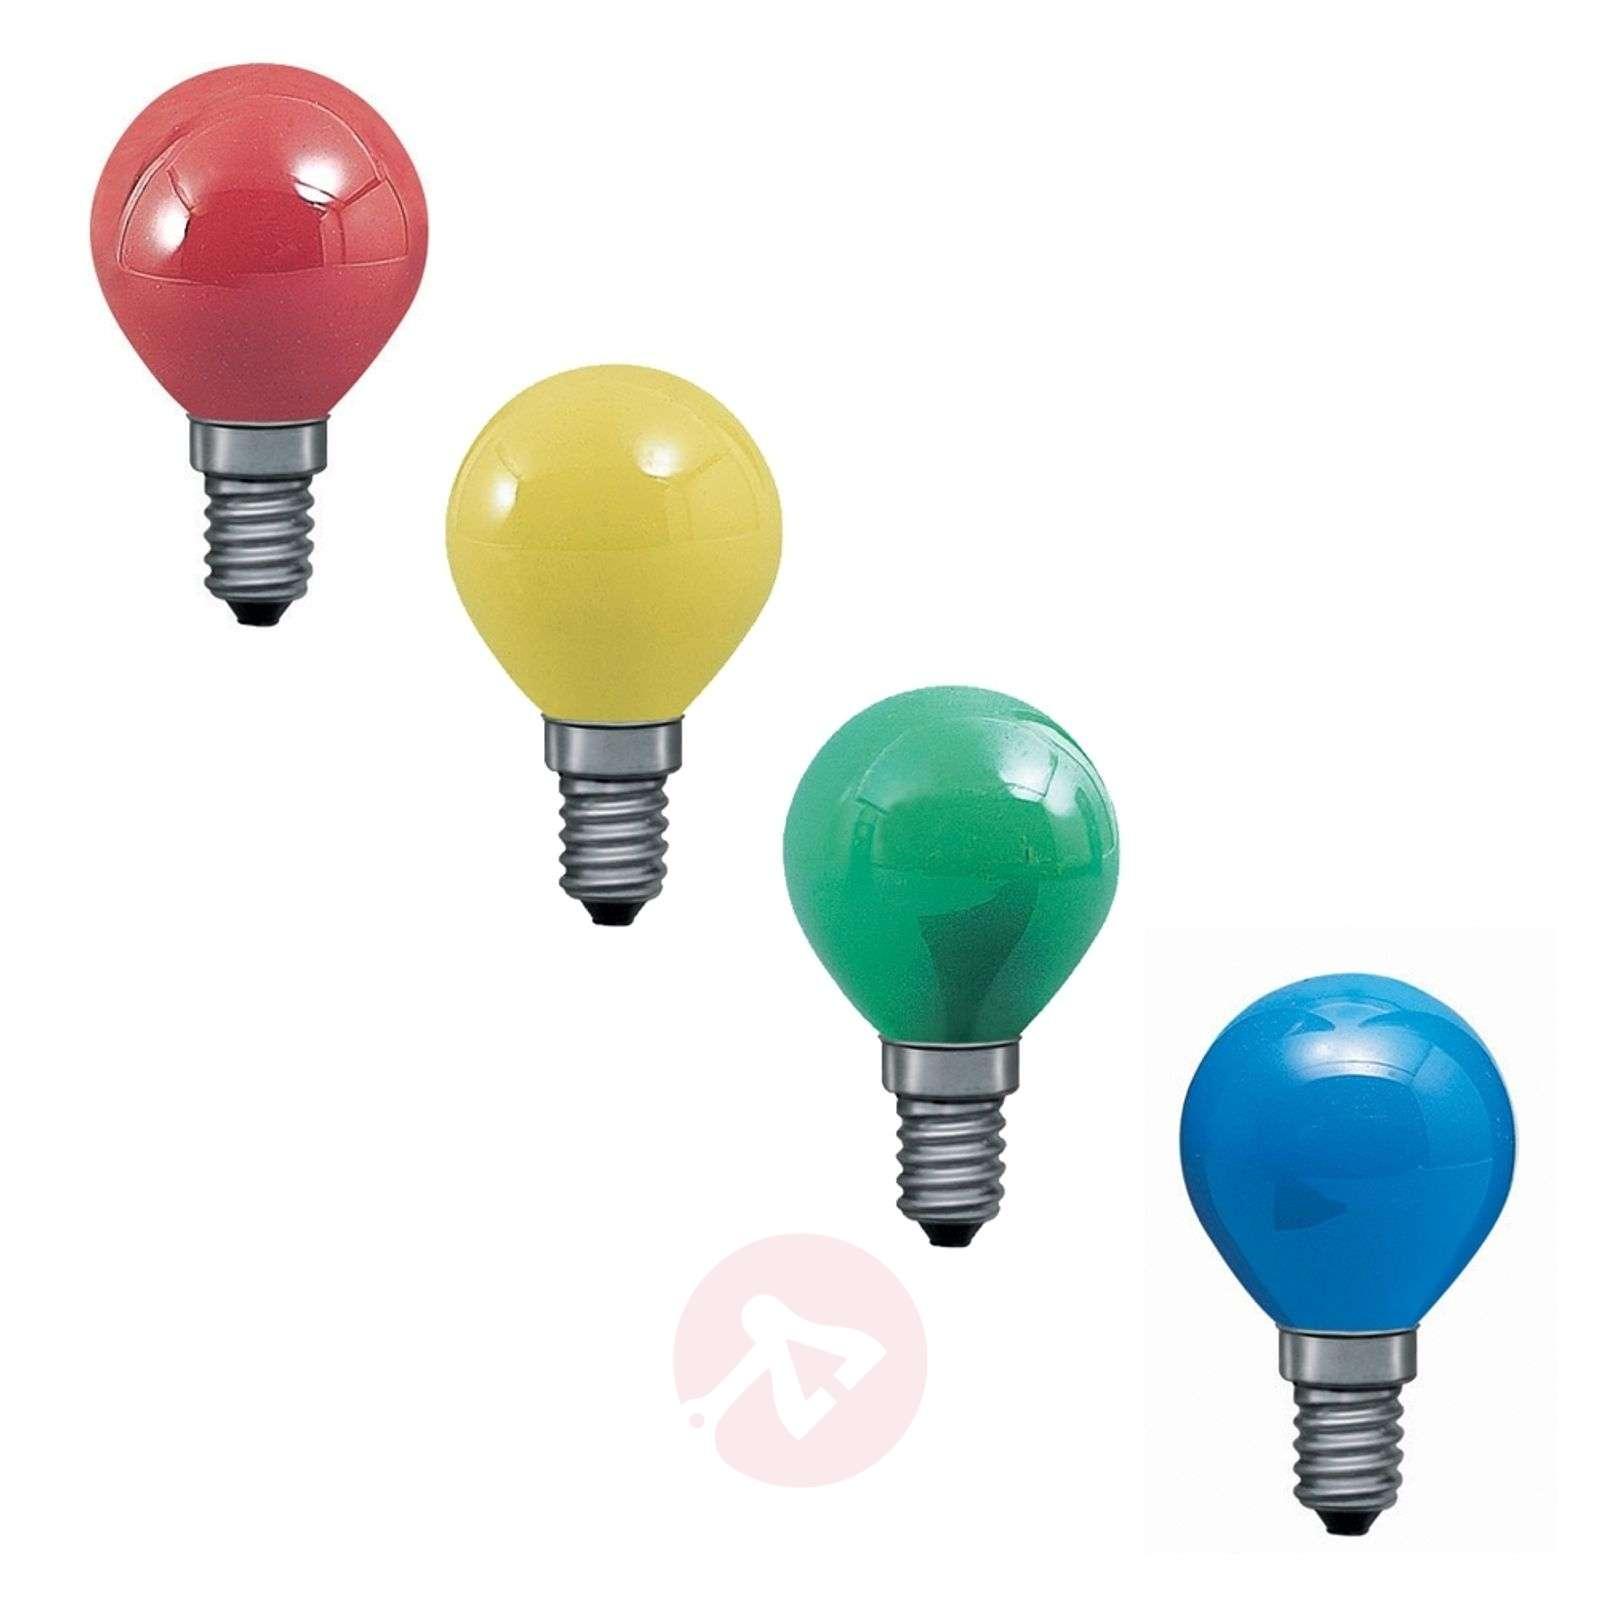 E14 25W pisaralamppu 4 eri väriä, valoketjuun-7500401X-01